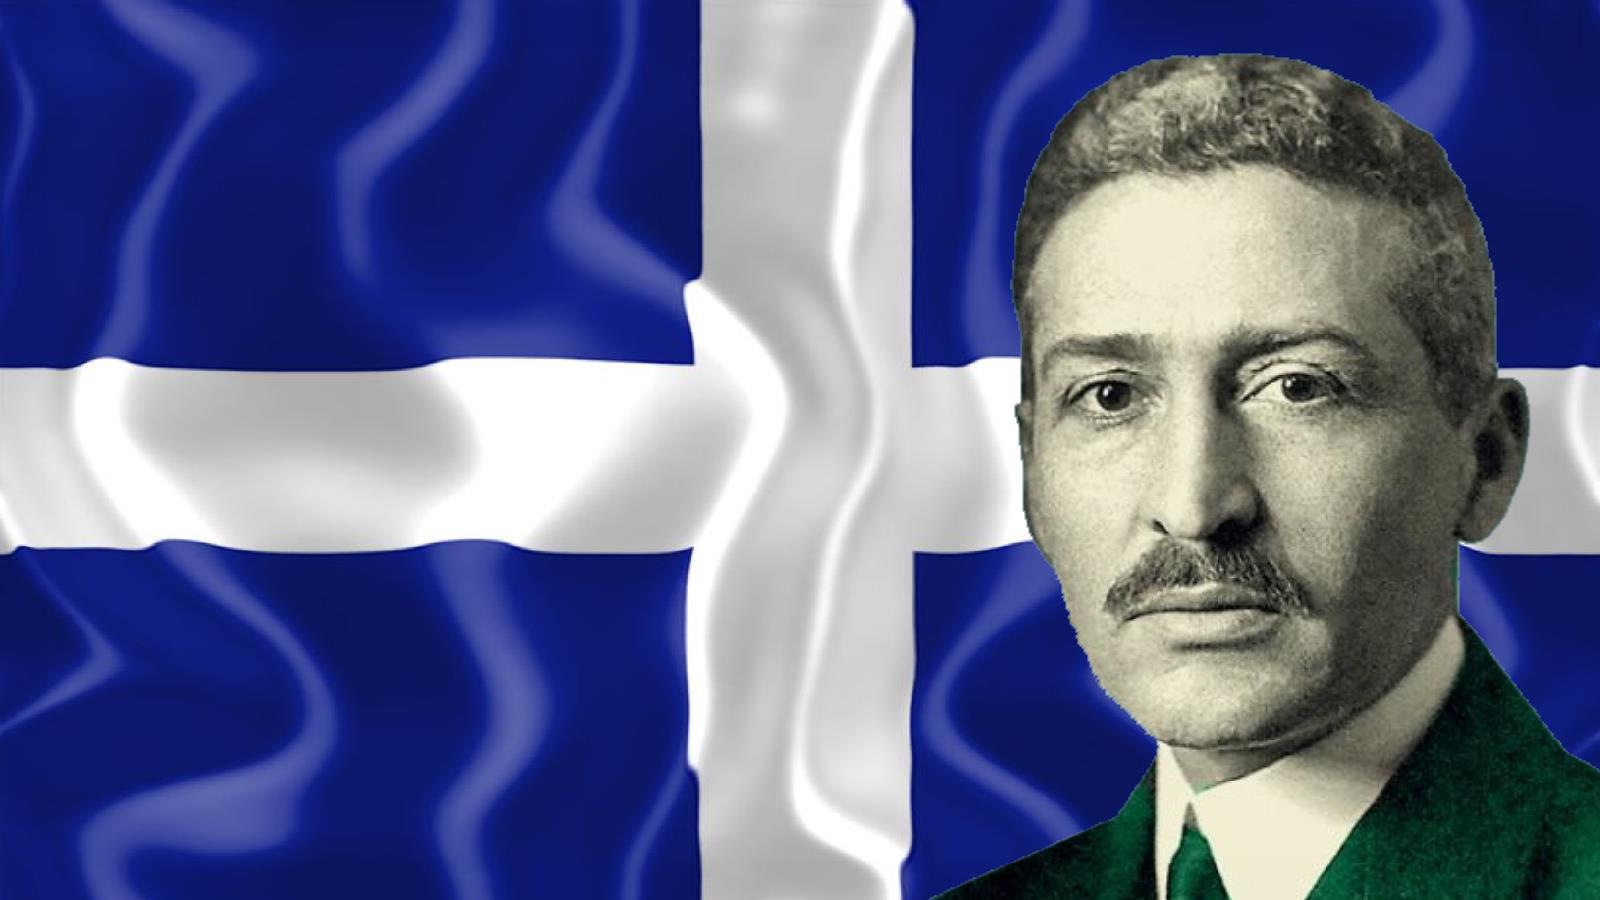 Λευτέρης Πανούσης: Ίων Δραγούμης – Ο ρομαντικός του Ελληνικού Εθνικισμού